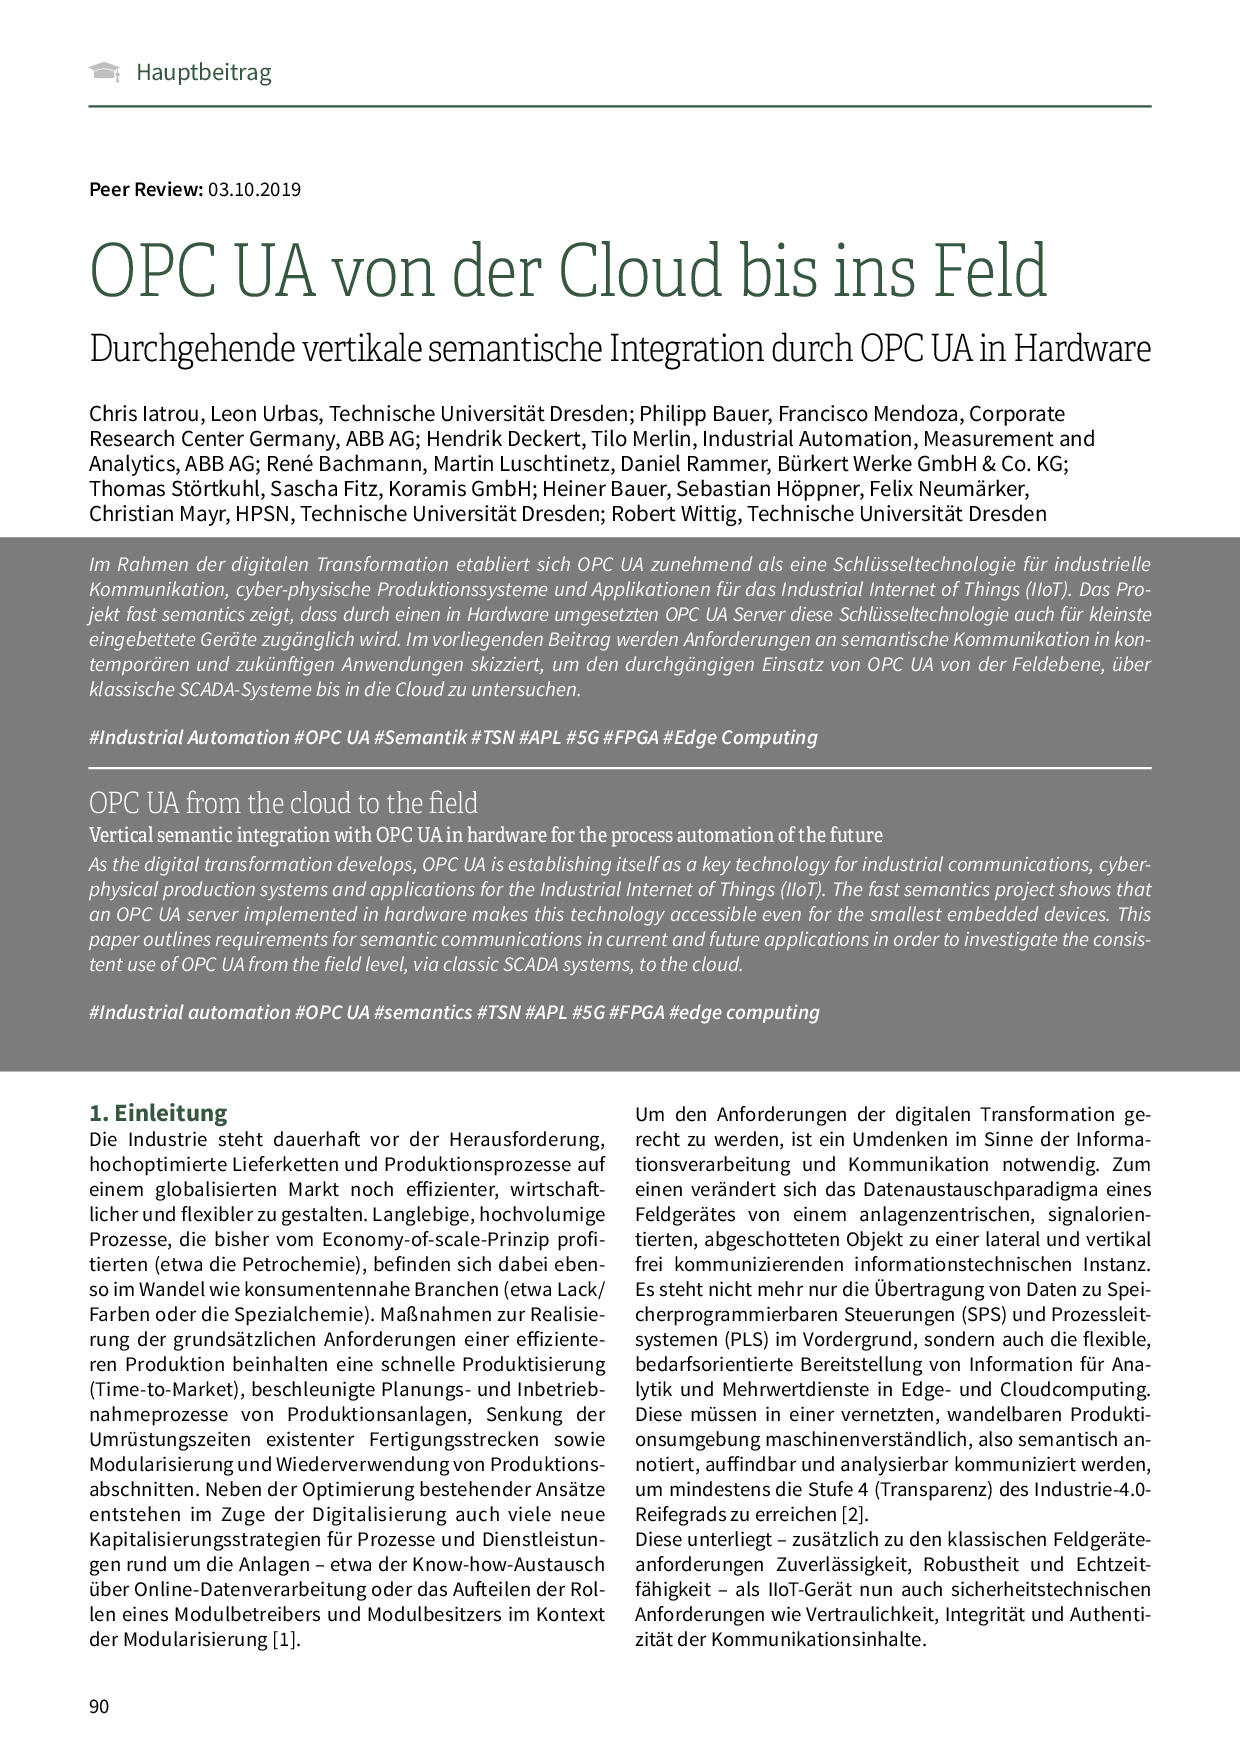 OPC UA von der Cloud bis ins Feld